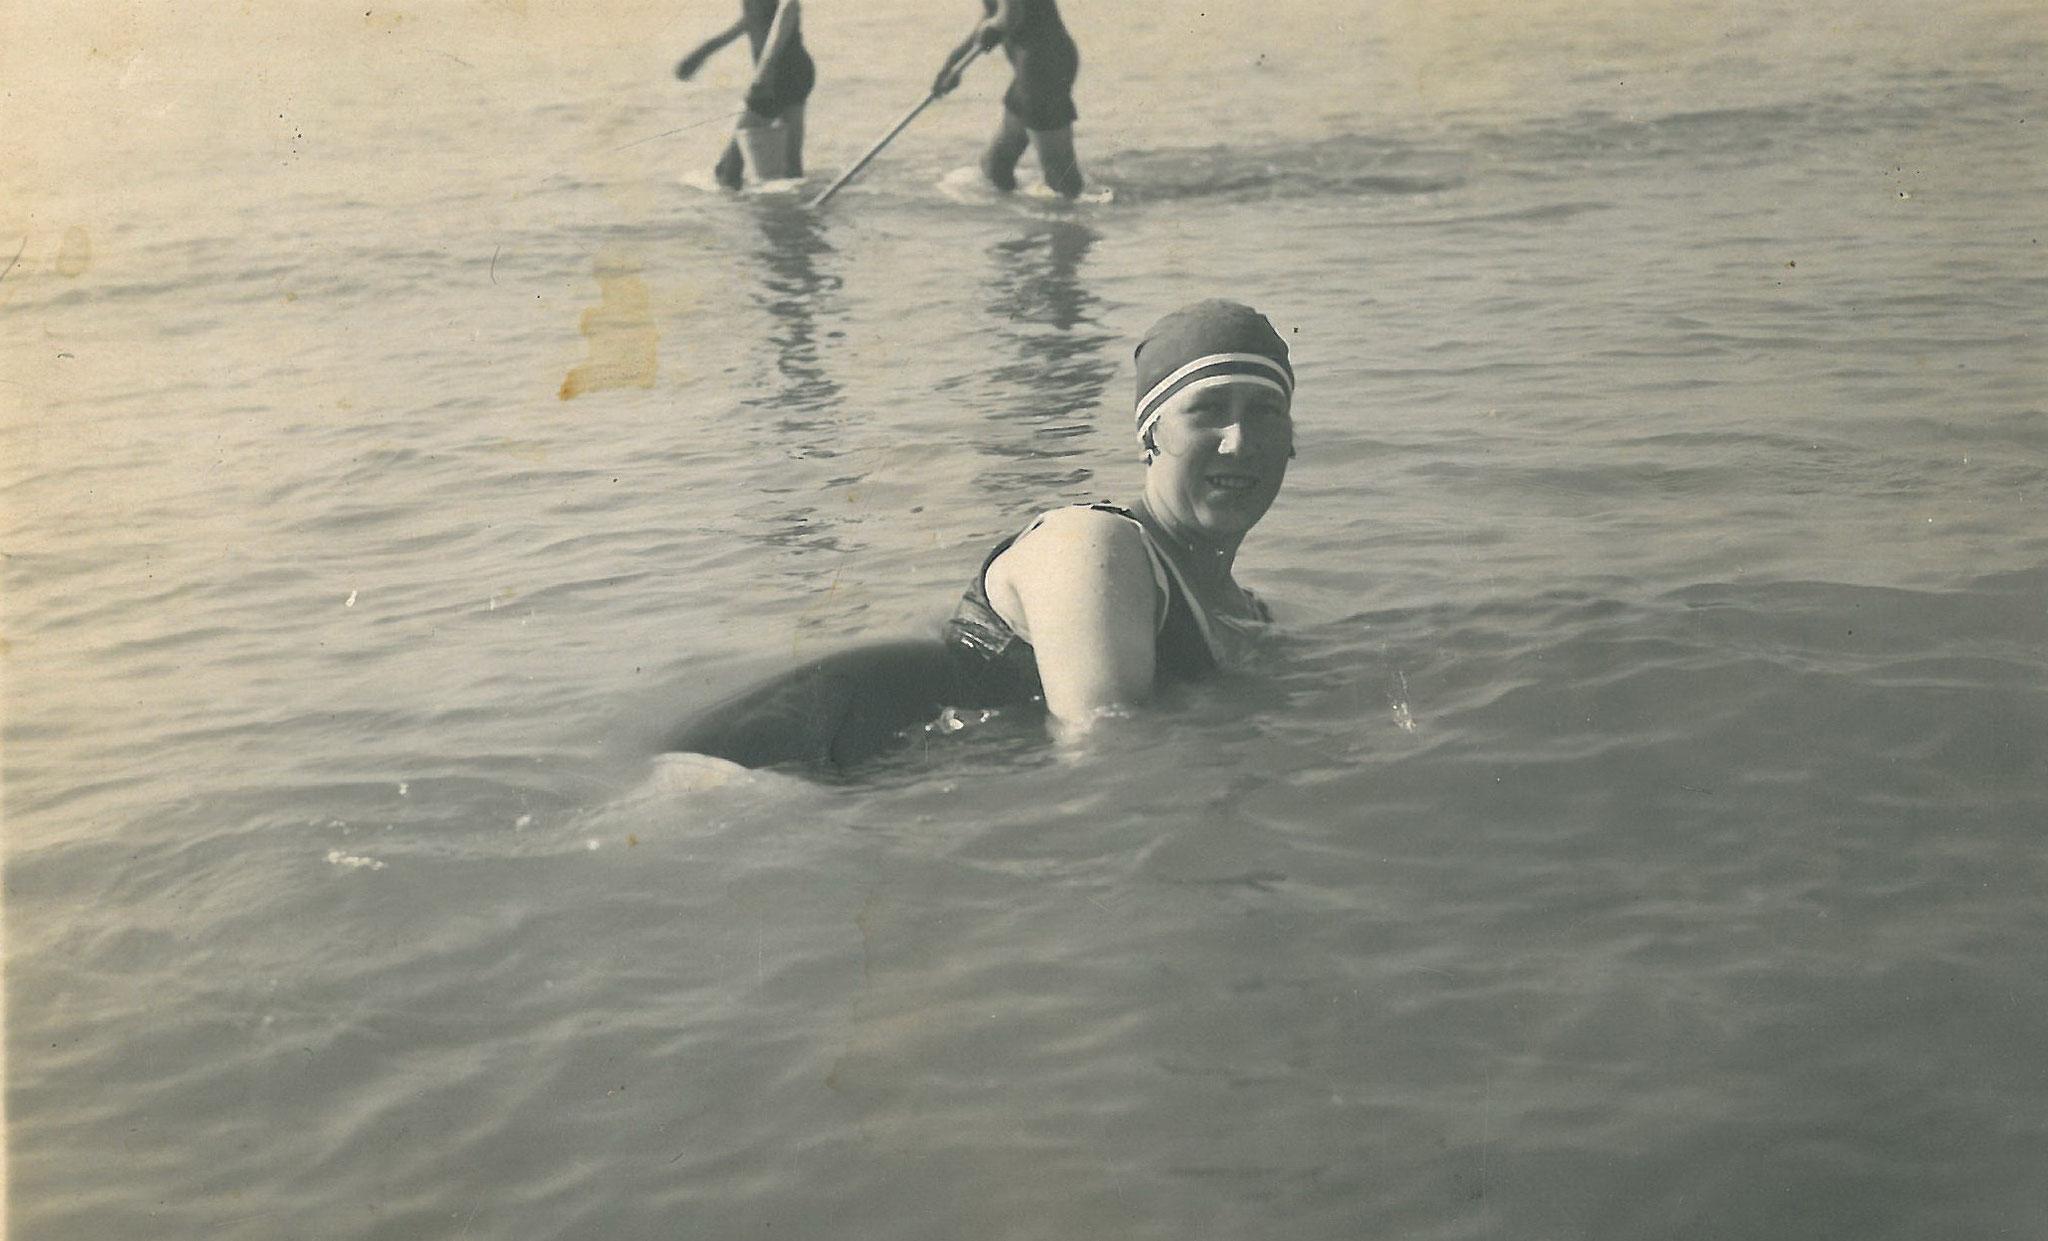 Badeurlaub an der Nordsee 1933